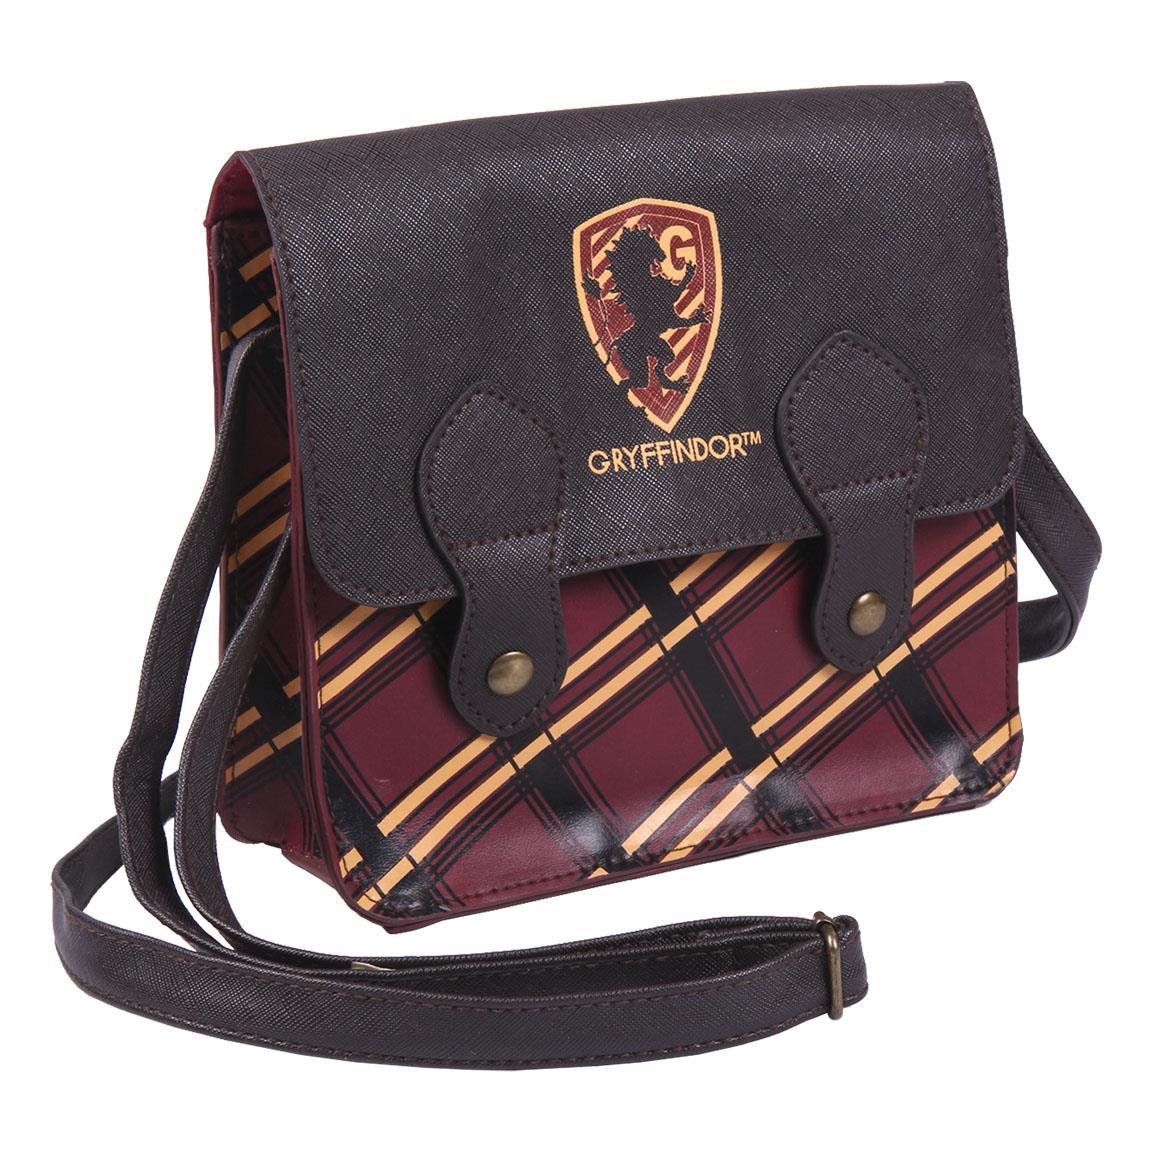 Harry Potter Gryffindor bag